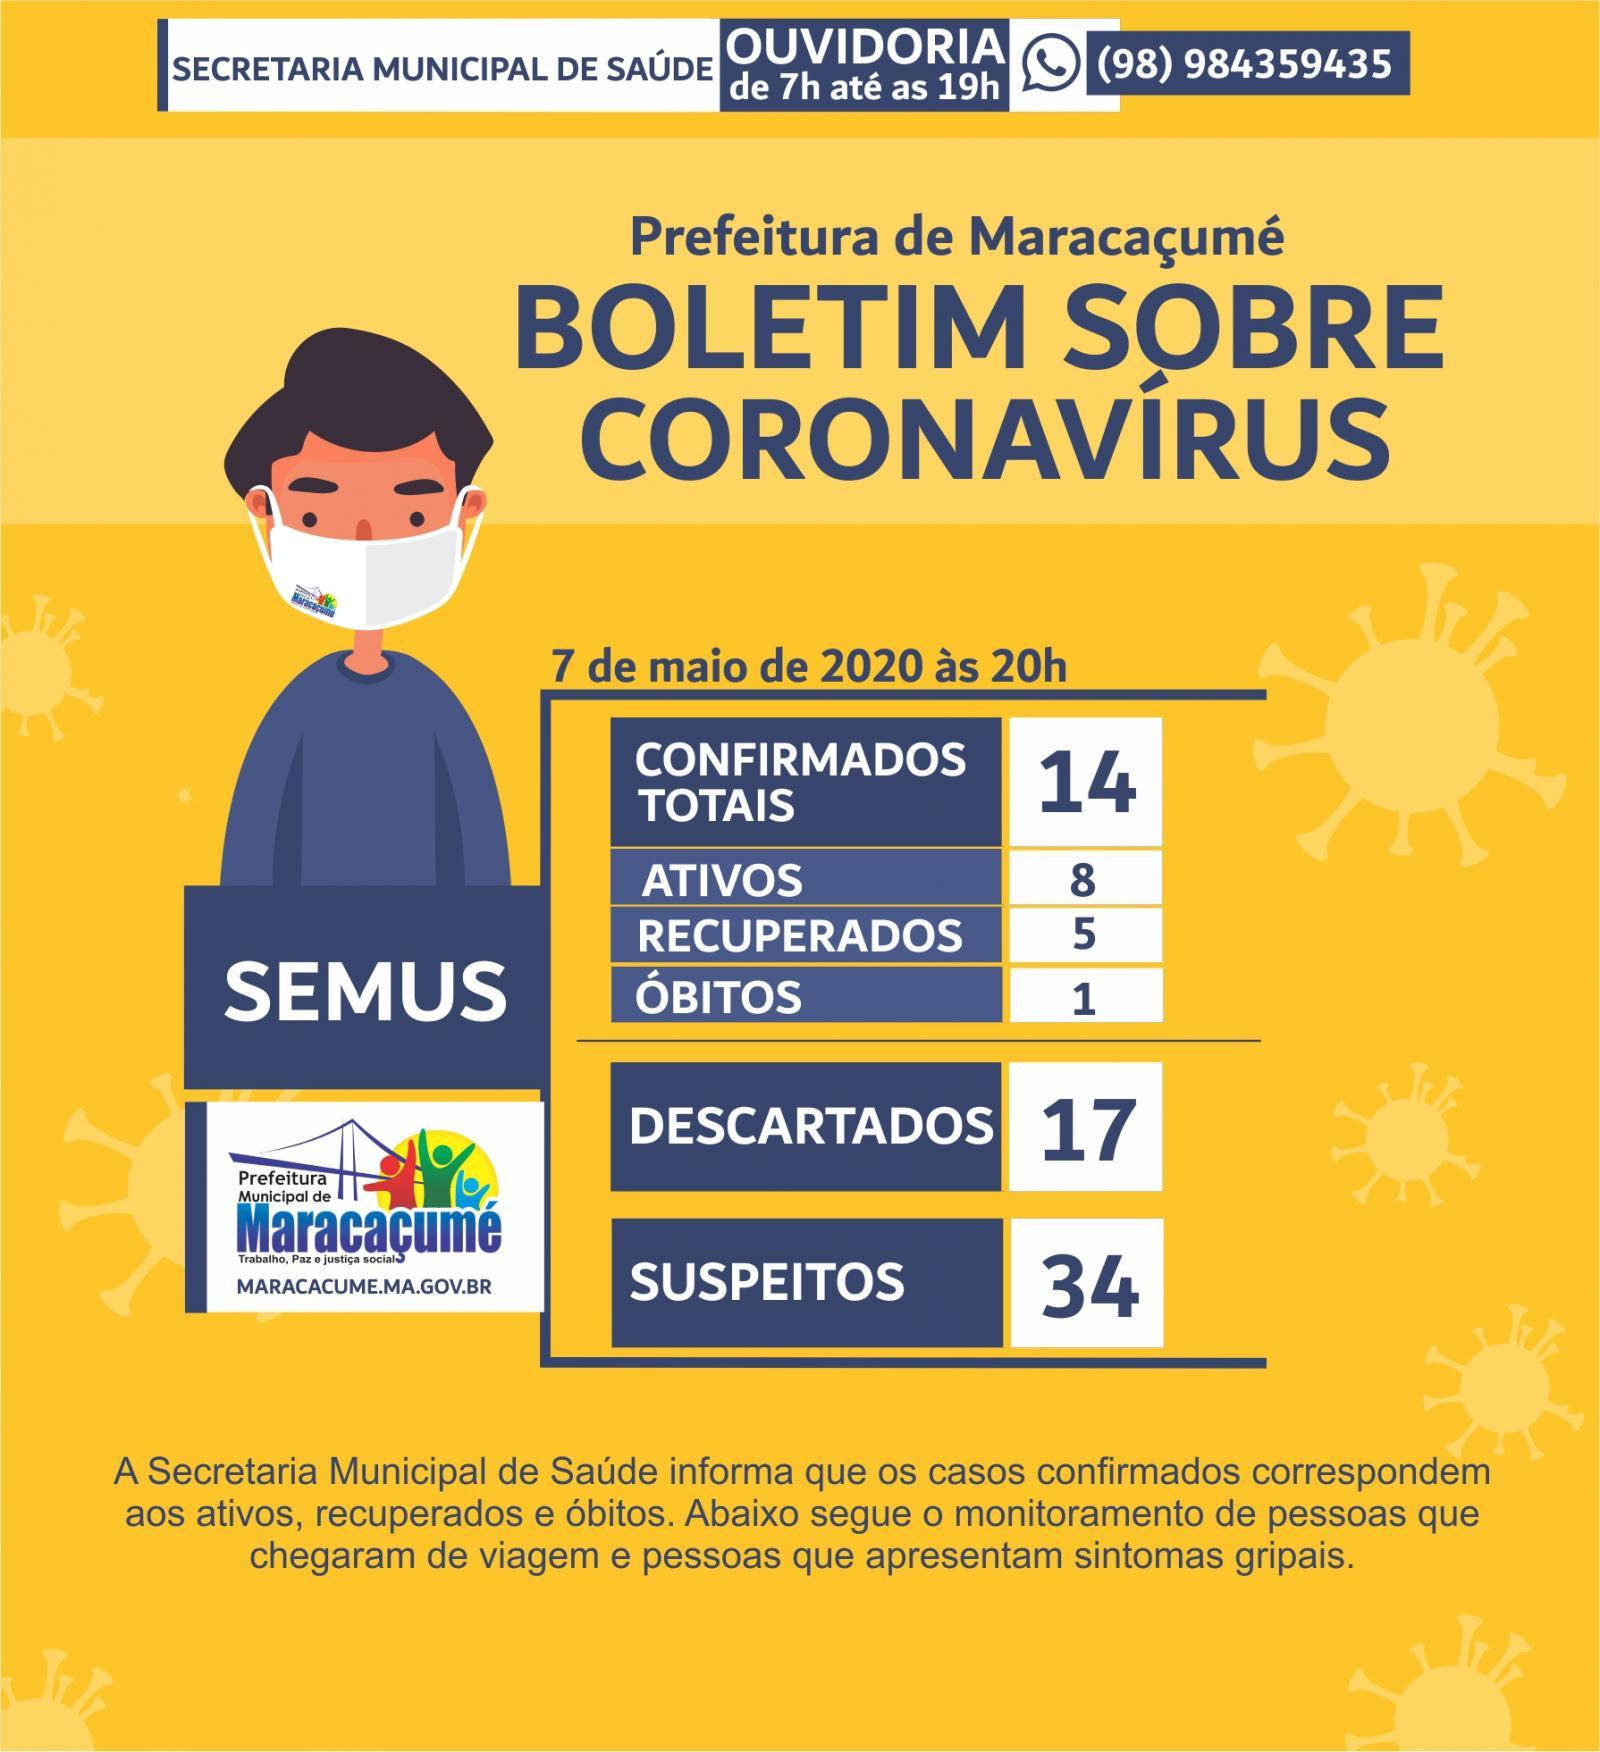 Maracaçumé tem 5 recuperados da covid-19